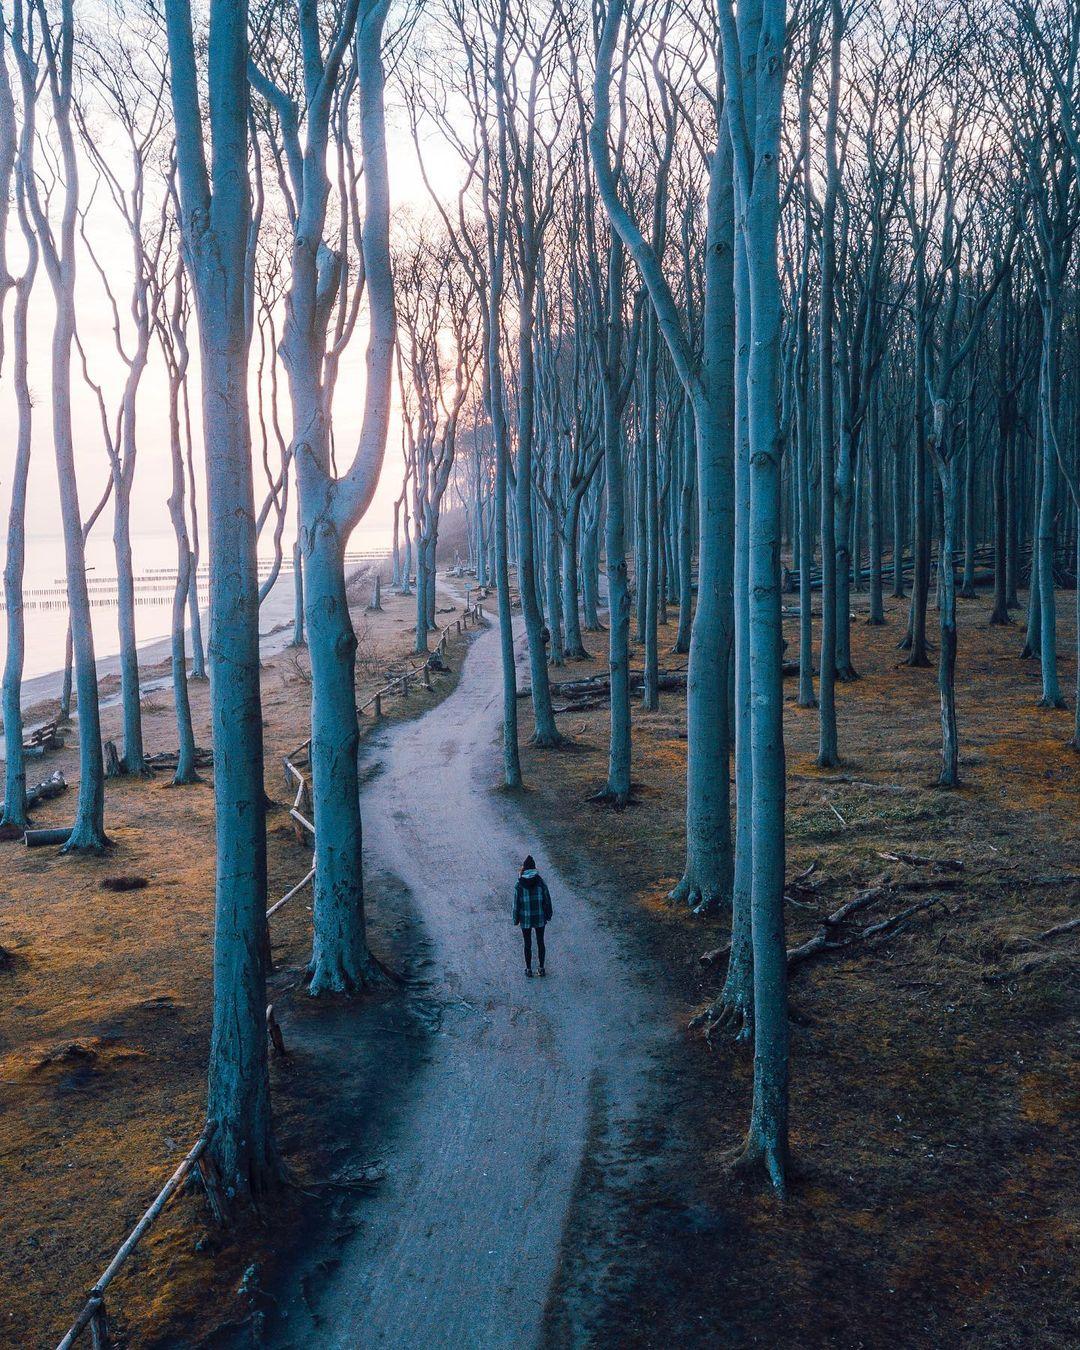 Природа и путешествия на снимках Даниэля Шумахера Даниэль, фотографии, появилась, впервые, Шумахера, Даниэля, снимках, путешествия, Природа, httpswwwinstagramcomibdanschЗапись, подписчиков12345678910111213141516171819202122232425Источник, более, Instagram, делится, работами, Своими, пейзажной, Шумахер, дрона, Daniel